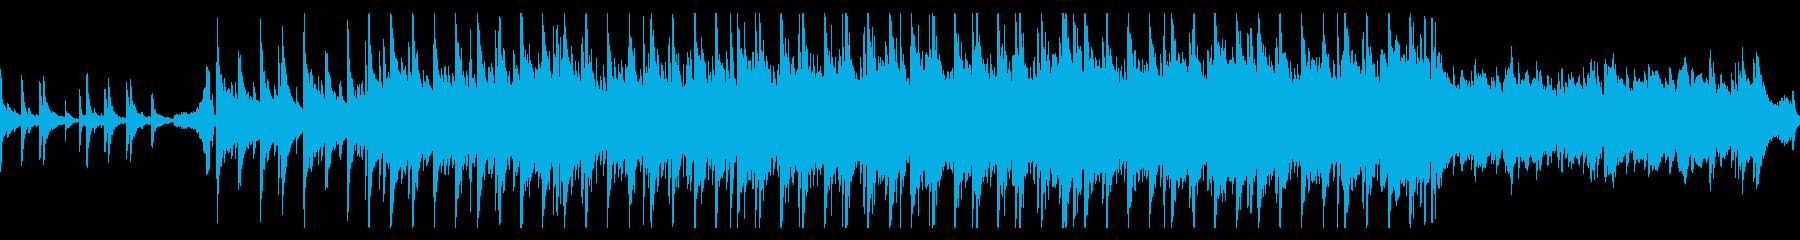 ピアノとギターのゆったりなポップバラードの再生済みの波形